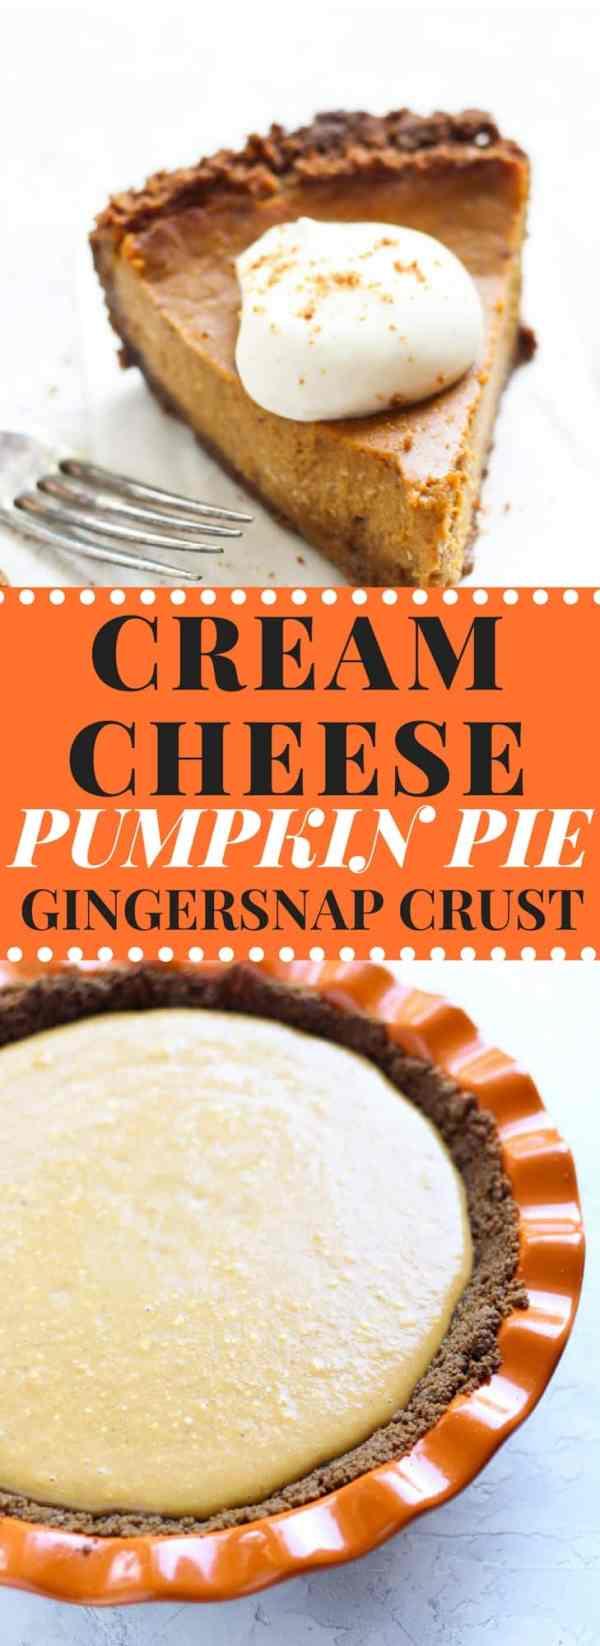 CREAM CHEESE PUMPKIN PIE & GINGERSNAP CRUST - Bessie Bakes